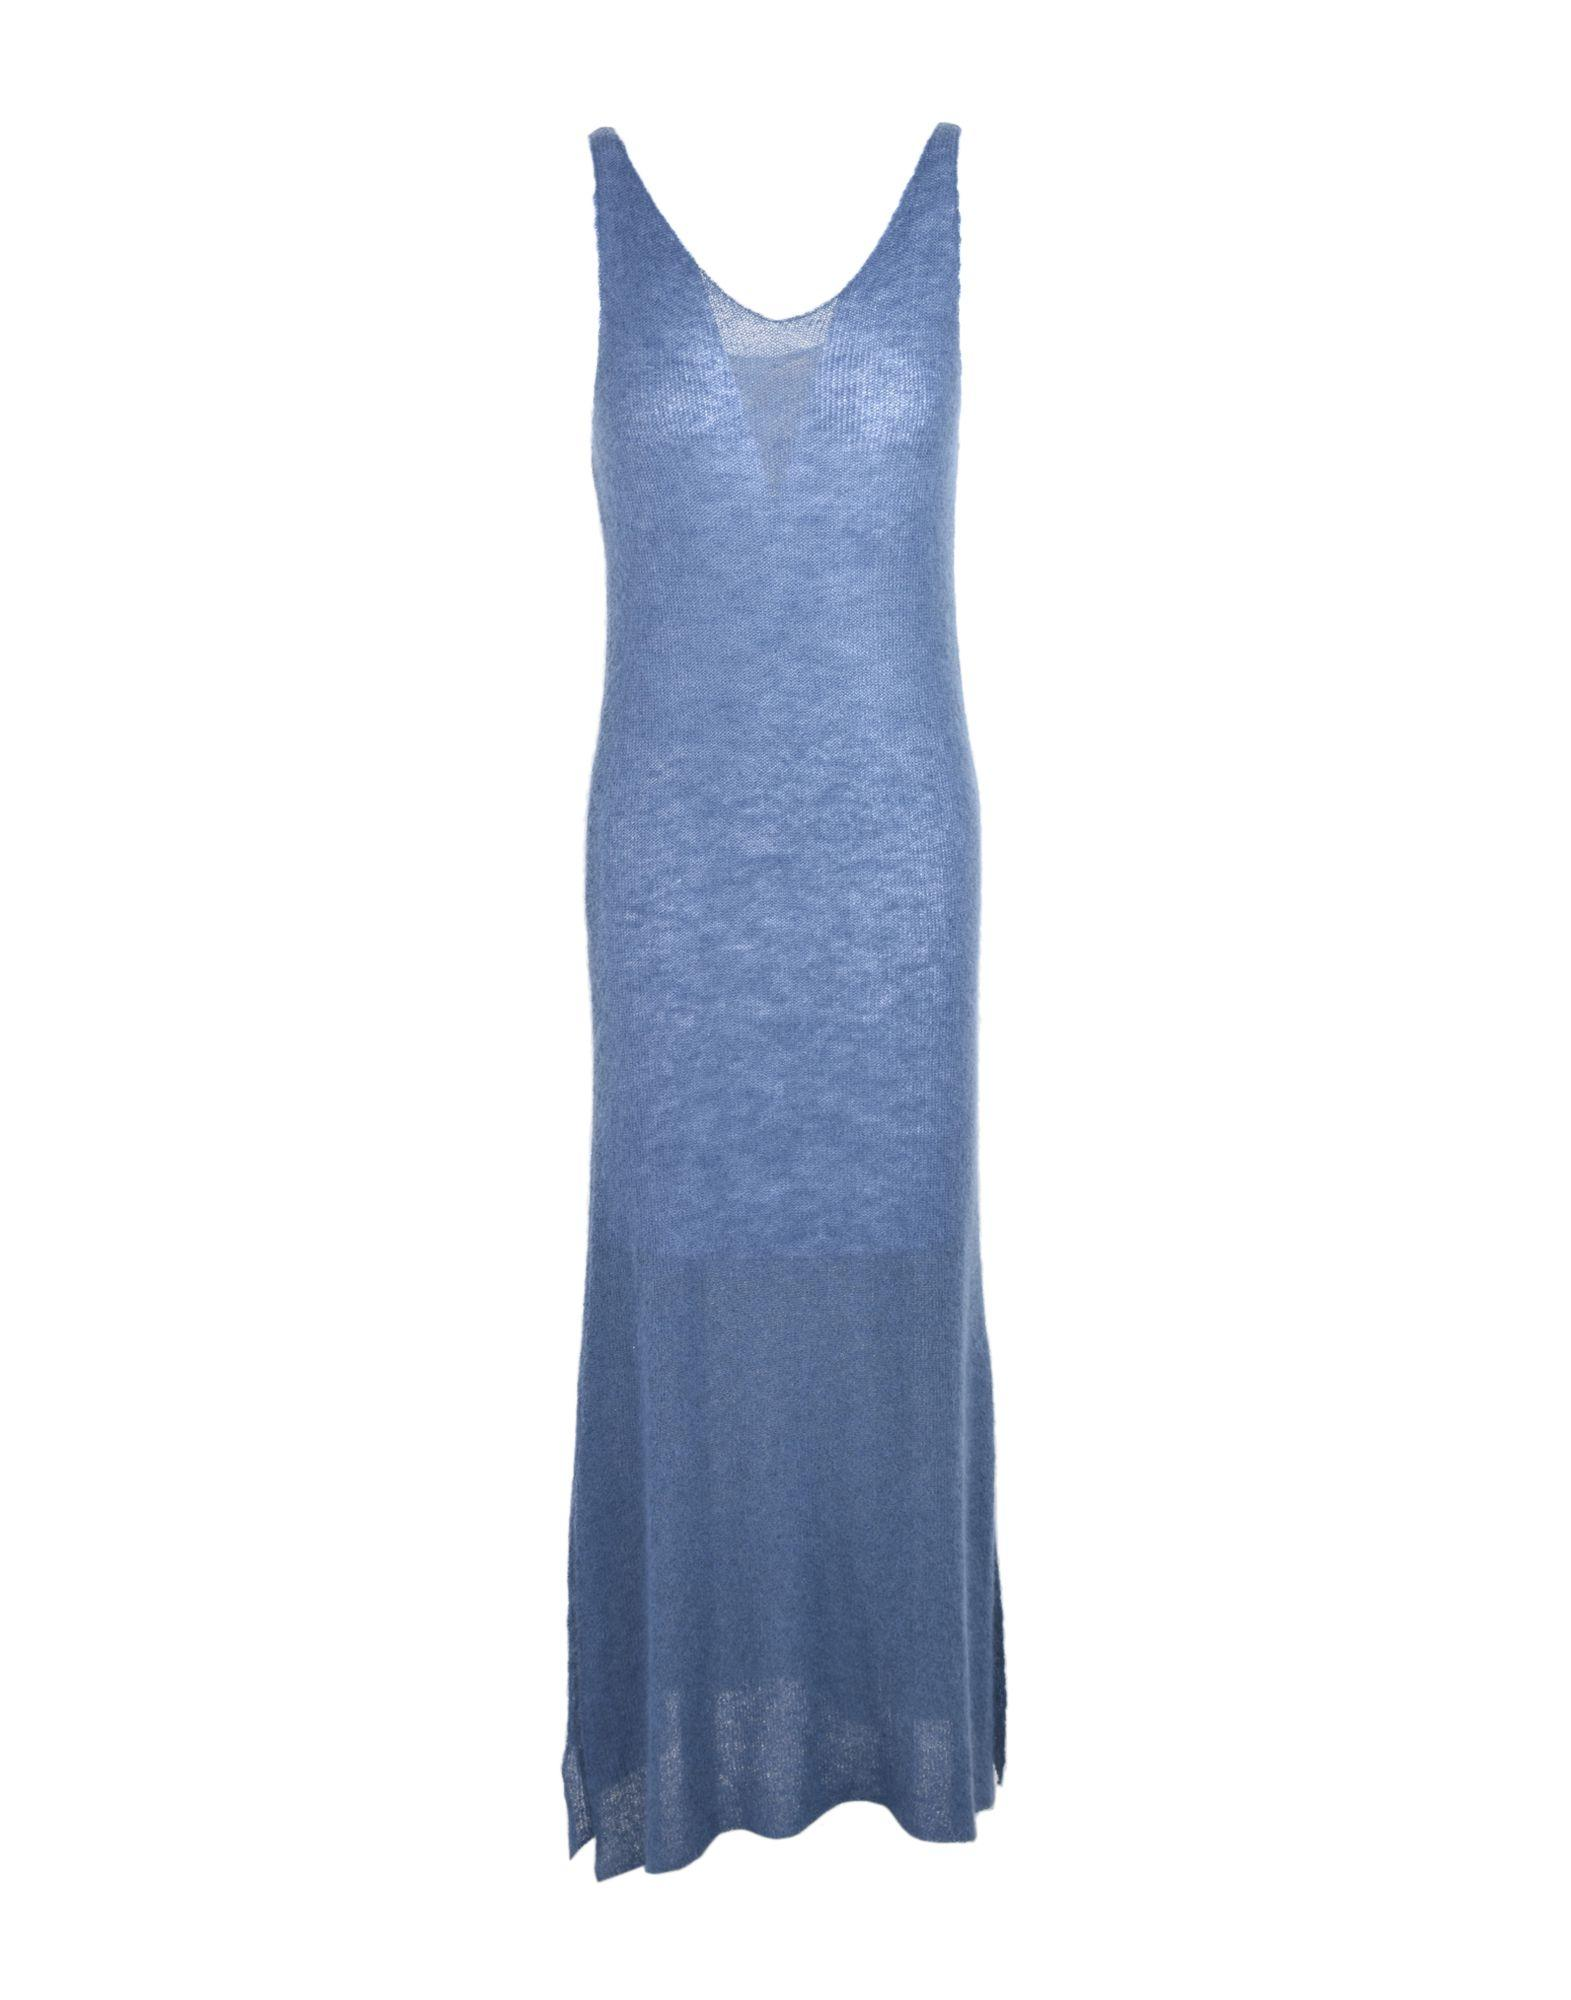 Soho De Luxe Midi Dress In Pastel Blue